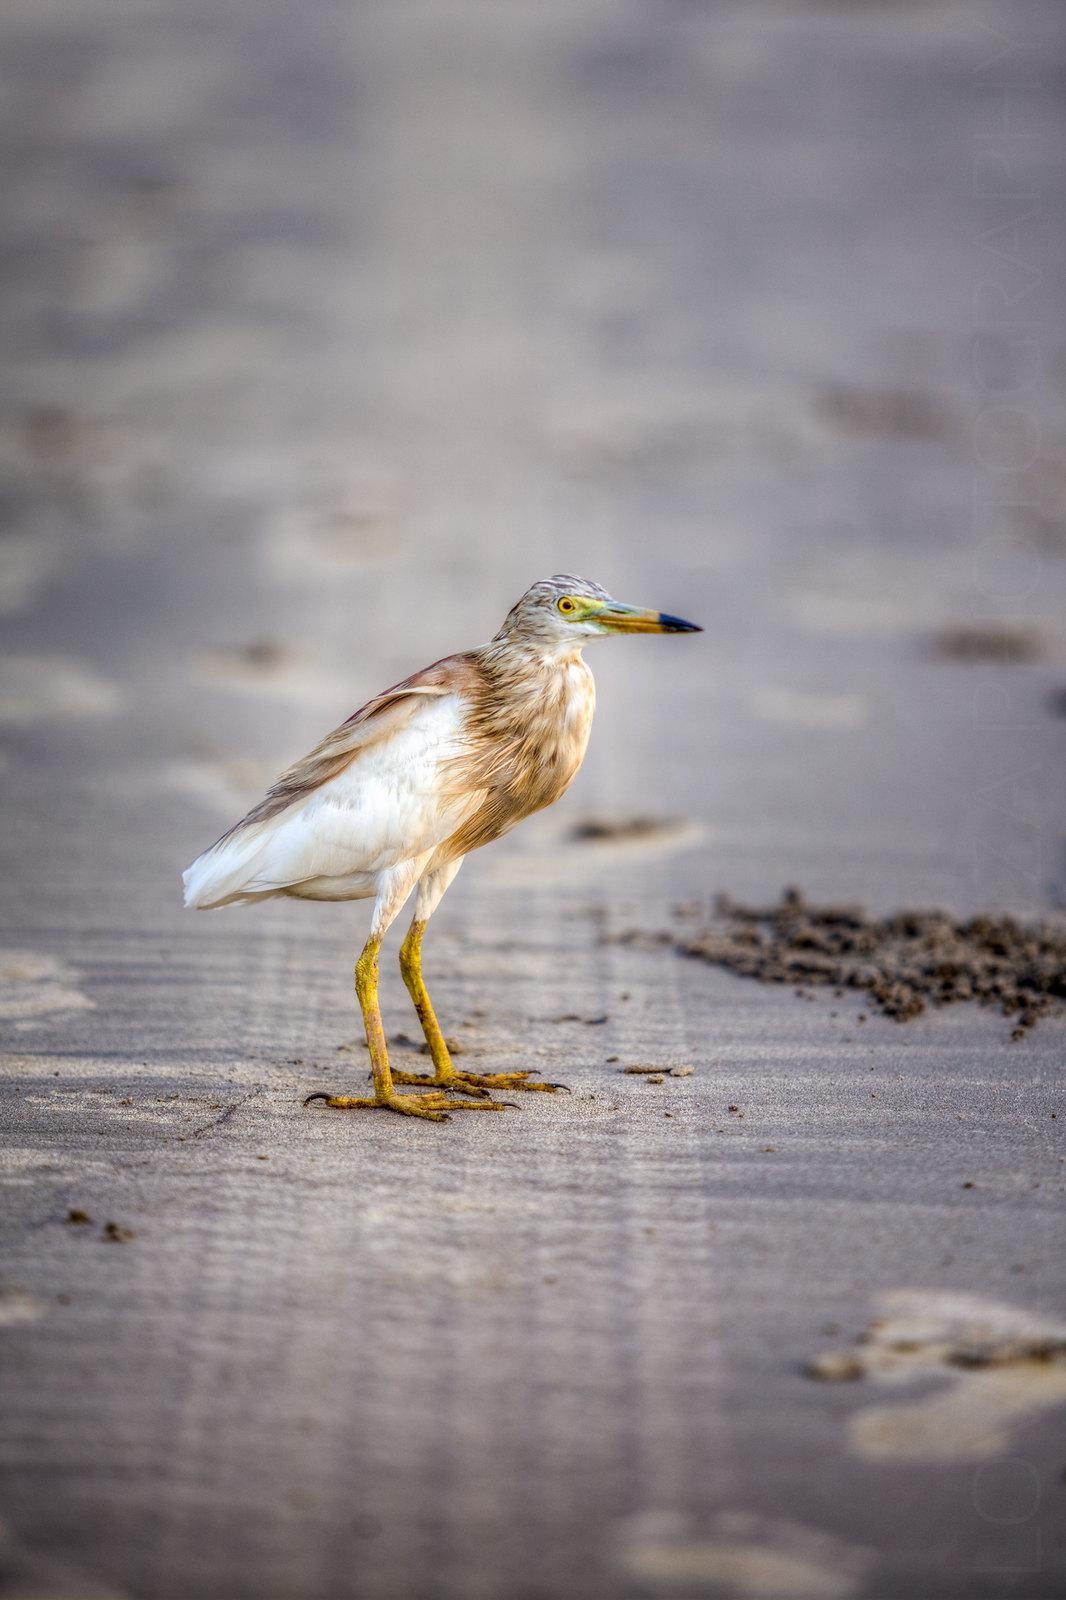 A Pond Heron at the Ashwem Beach